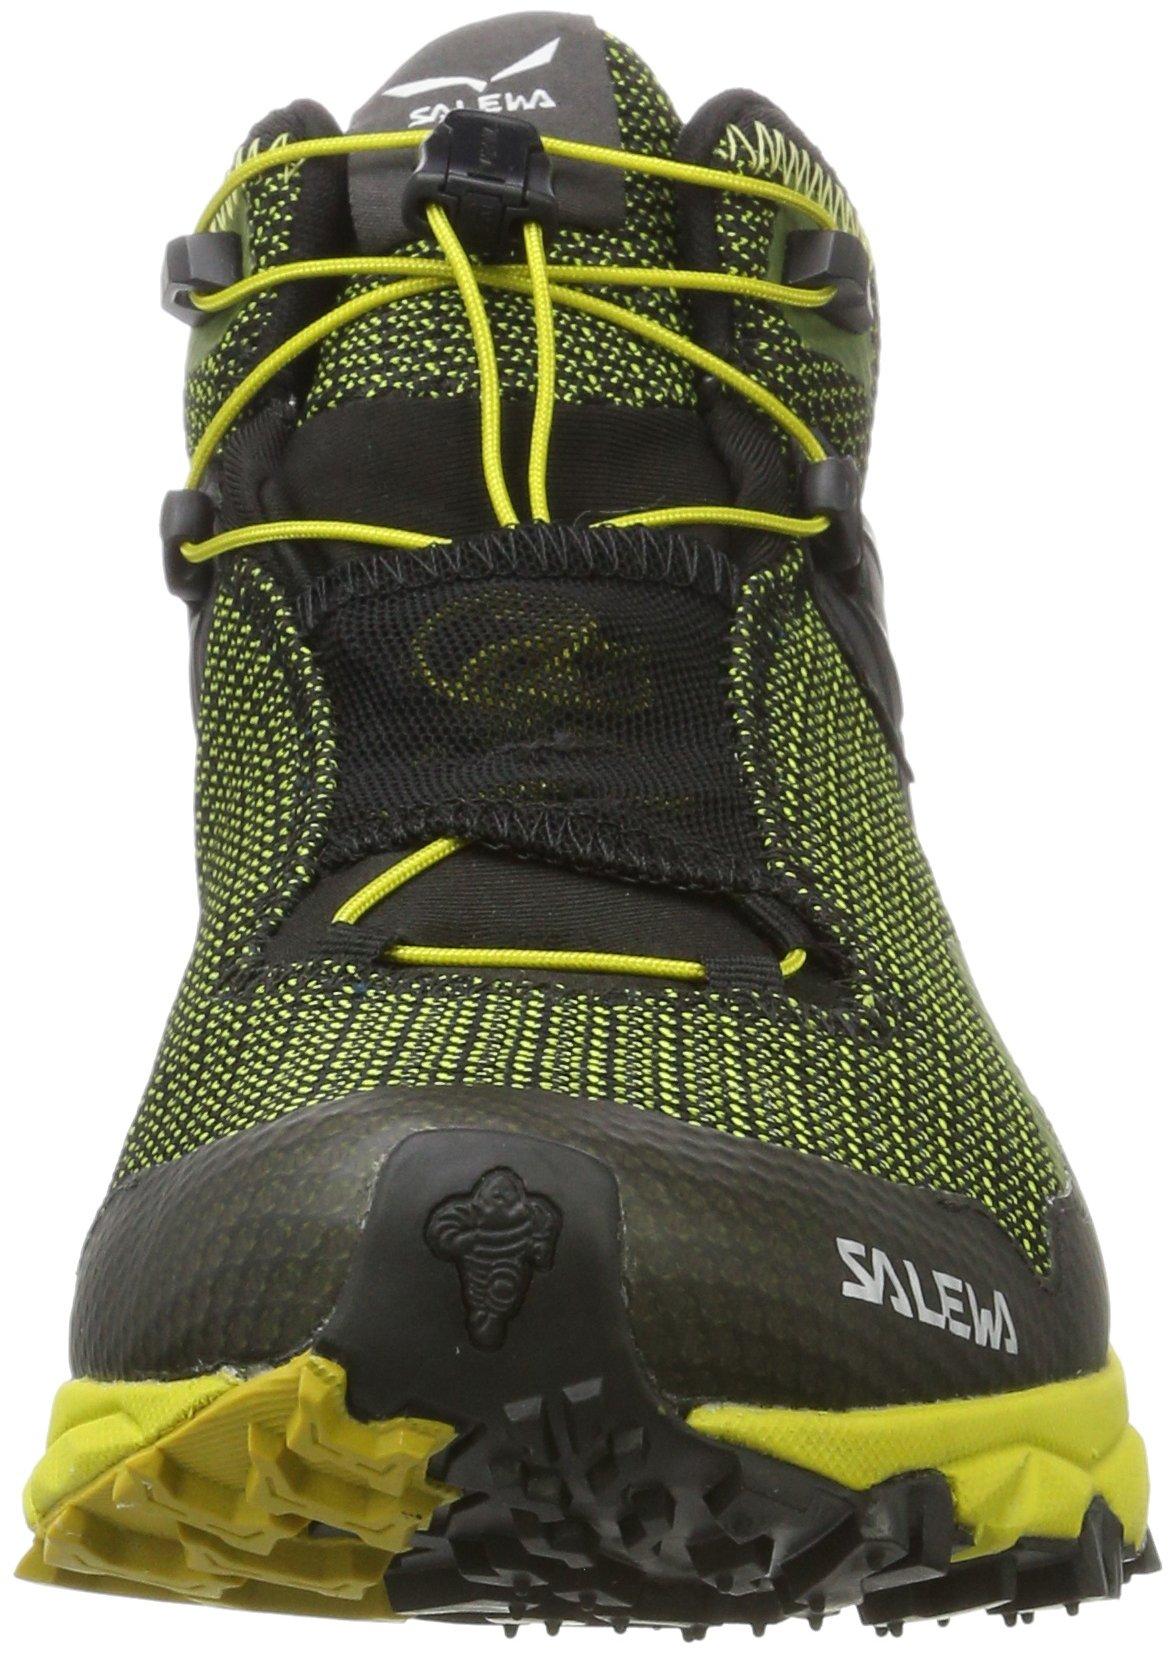 81HgNurmwBL - Salewa Men's Ms Ultra Flex Mid GTX High Rise Hiking Boots